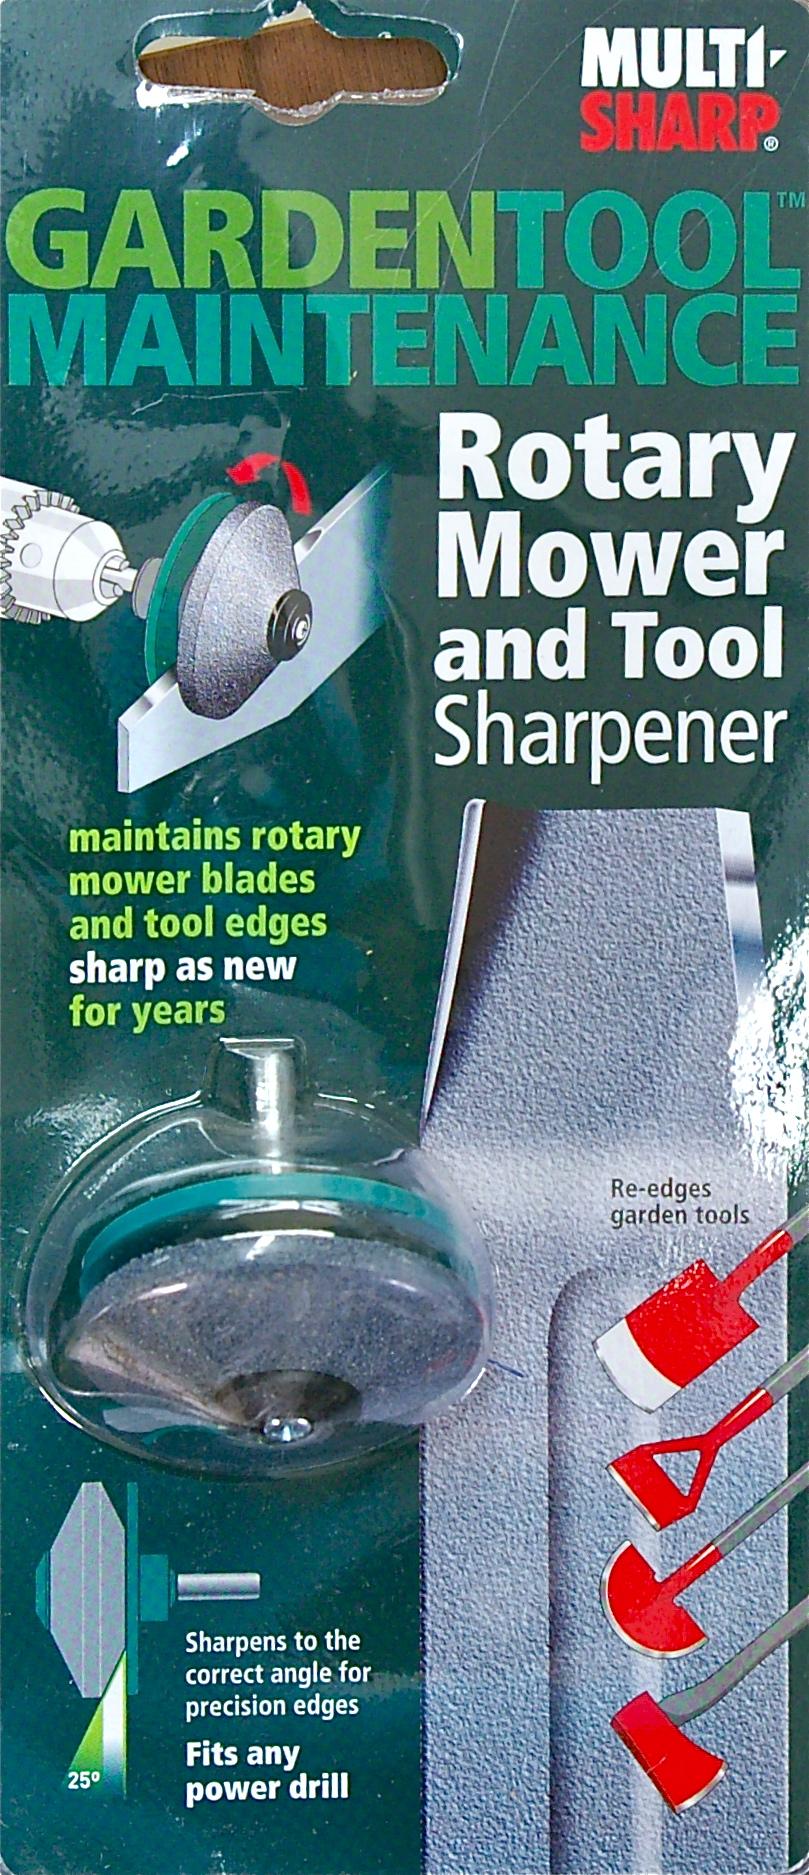 ... Garden Tool Sharpener · Multi Sharp Mower And Tool Sharpener For A  Power Drill